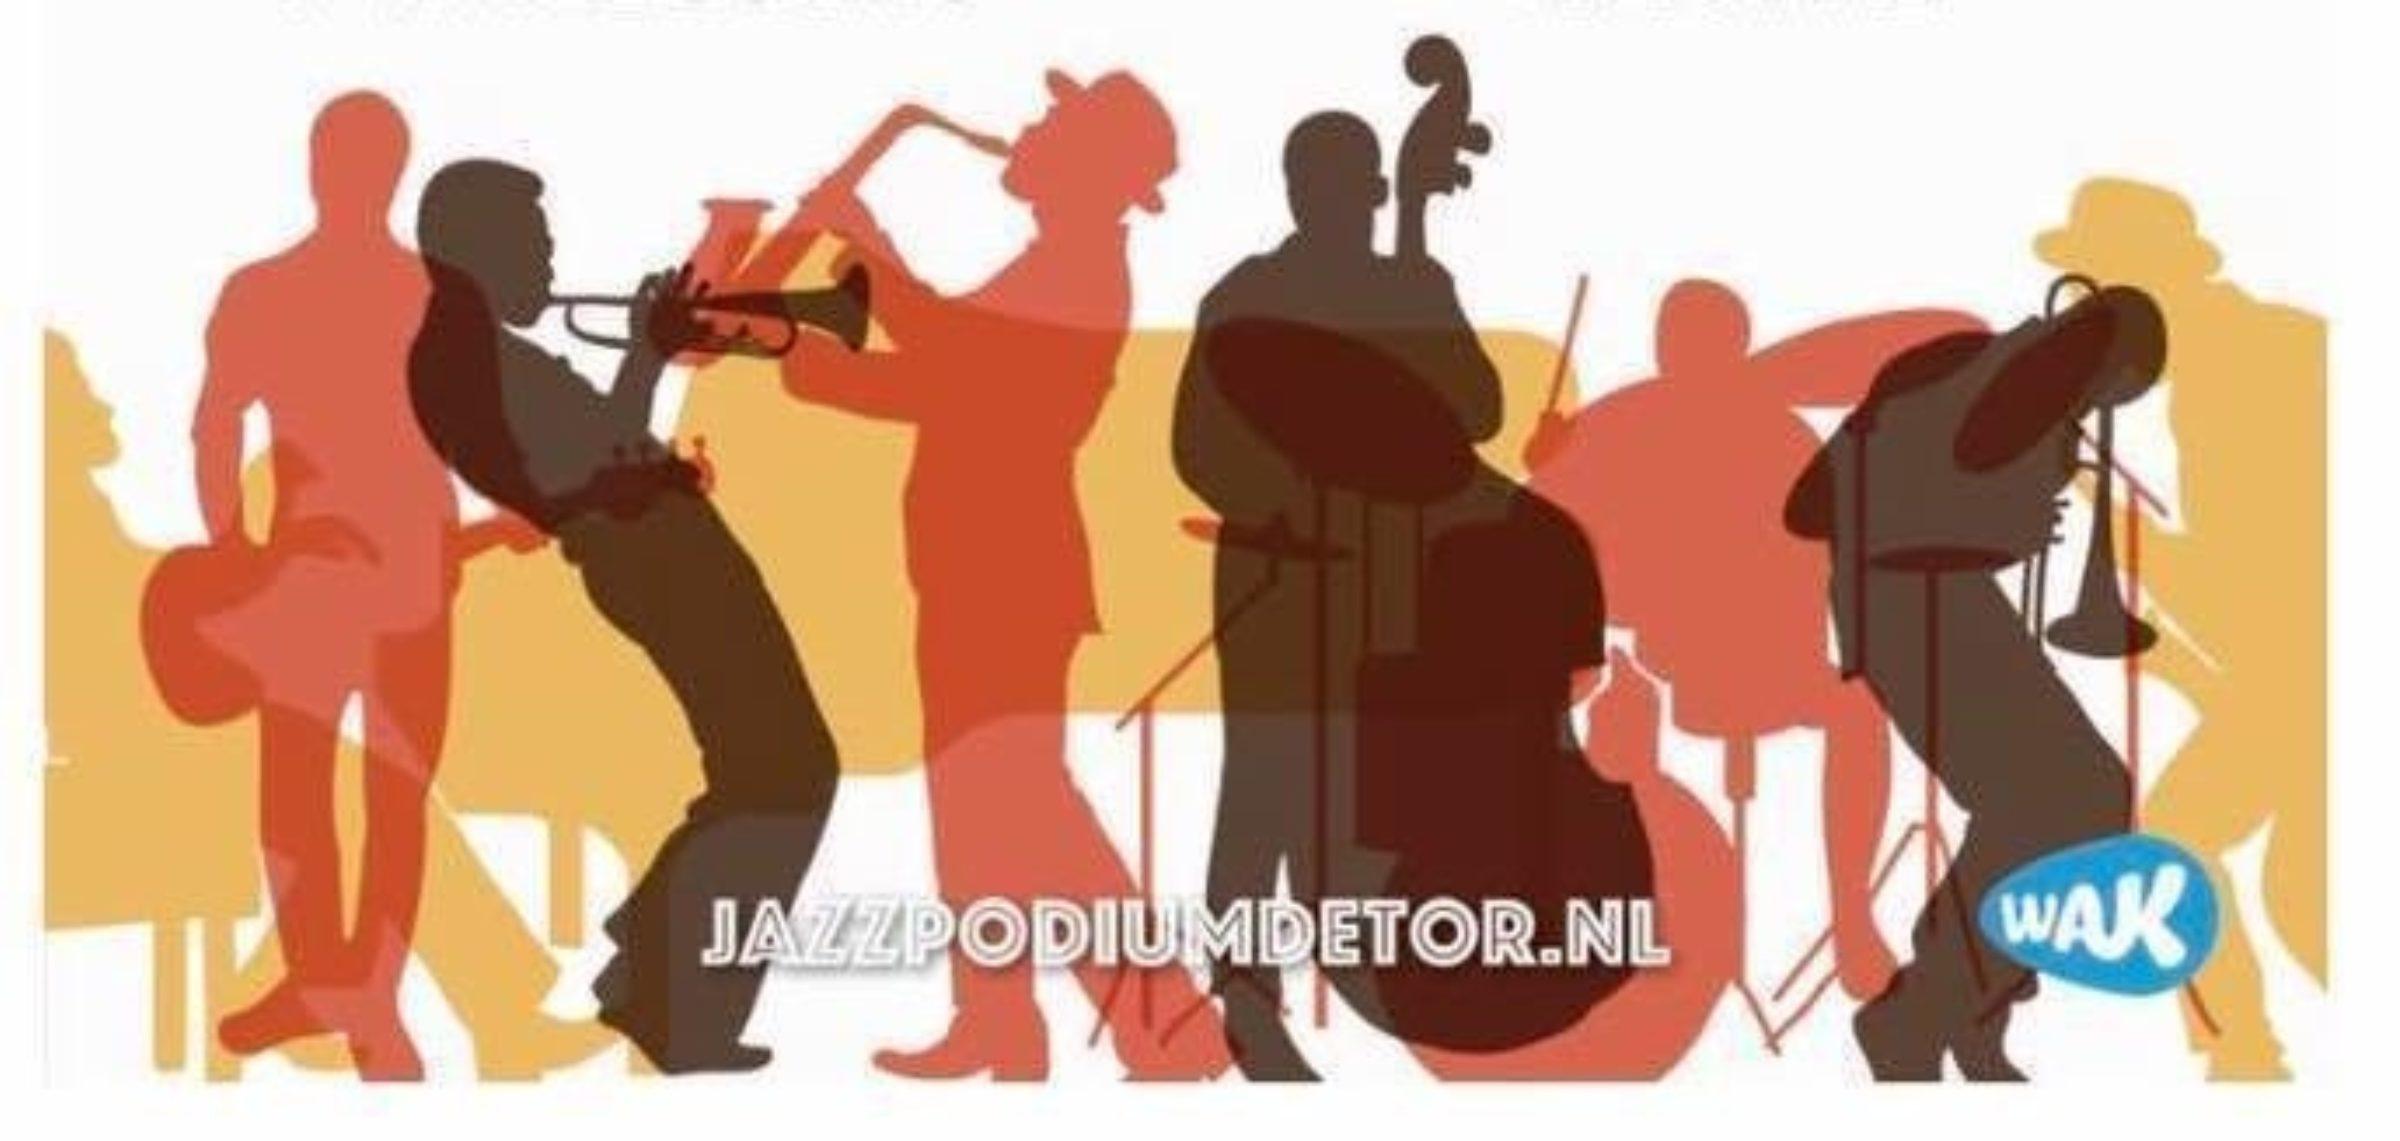 Dag van de jazzamateur enschede 3172 1559728830 35hxj77msg